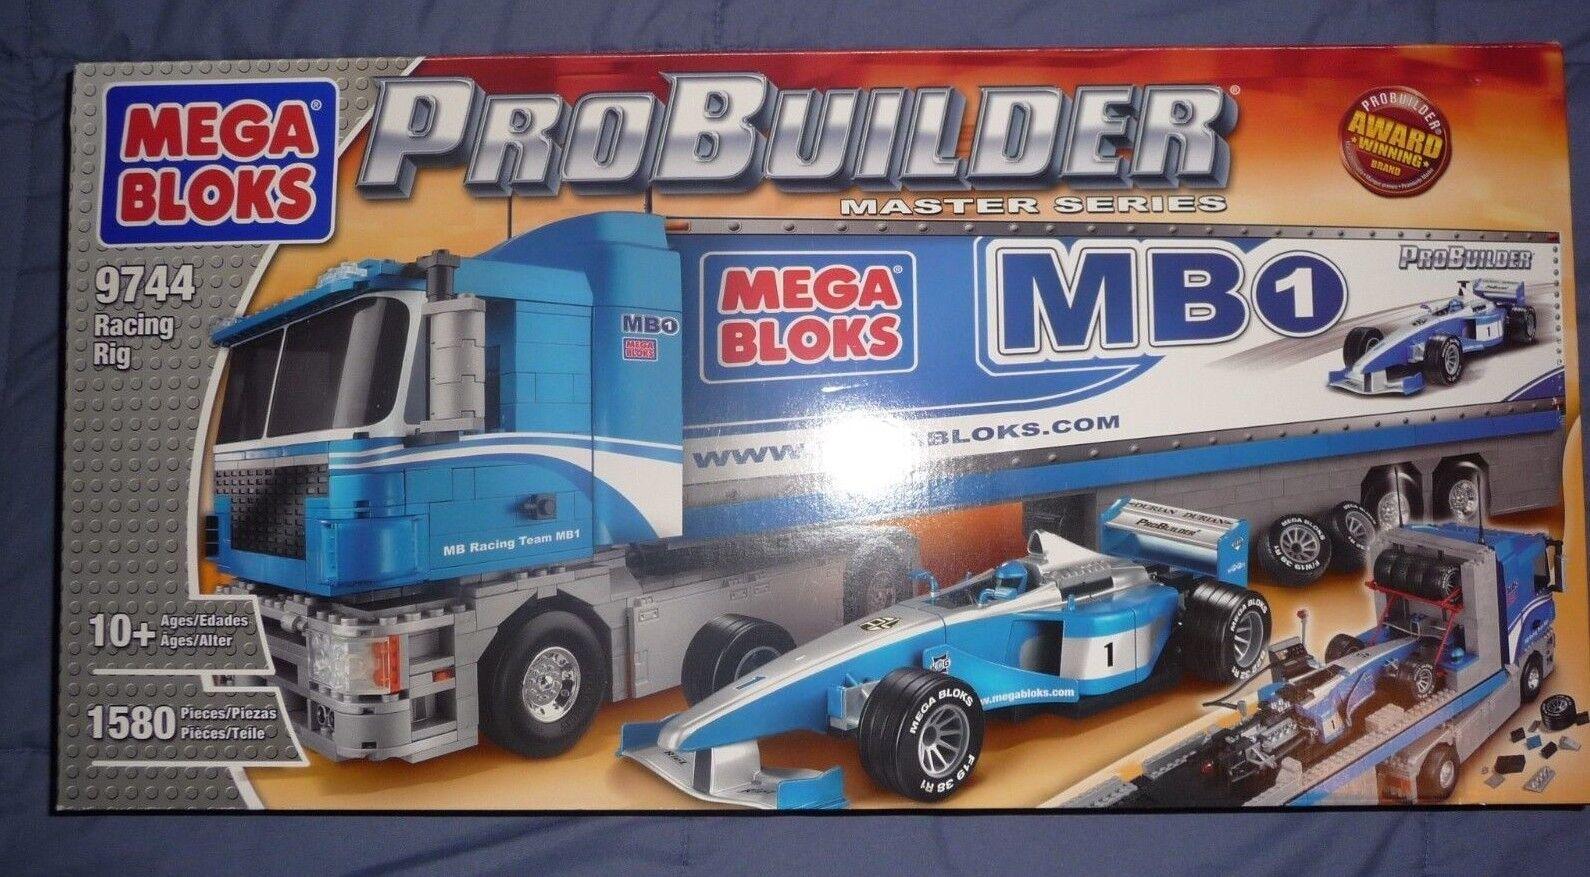 Nuevo En Caja Mega Bloks Probuilder Master Series Racing Rig - 9744 artículo de coleccionistas   rara